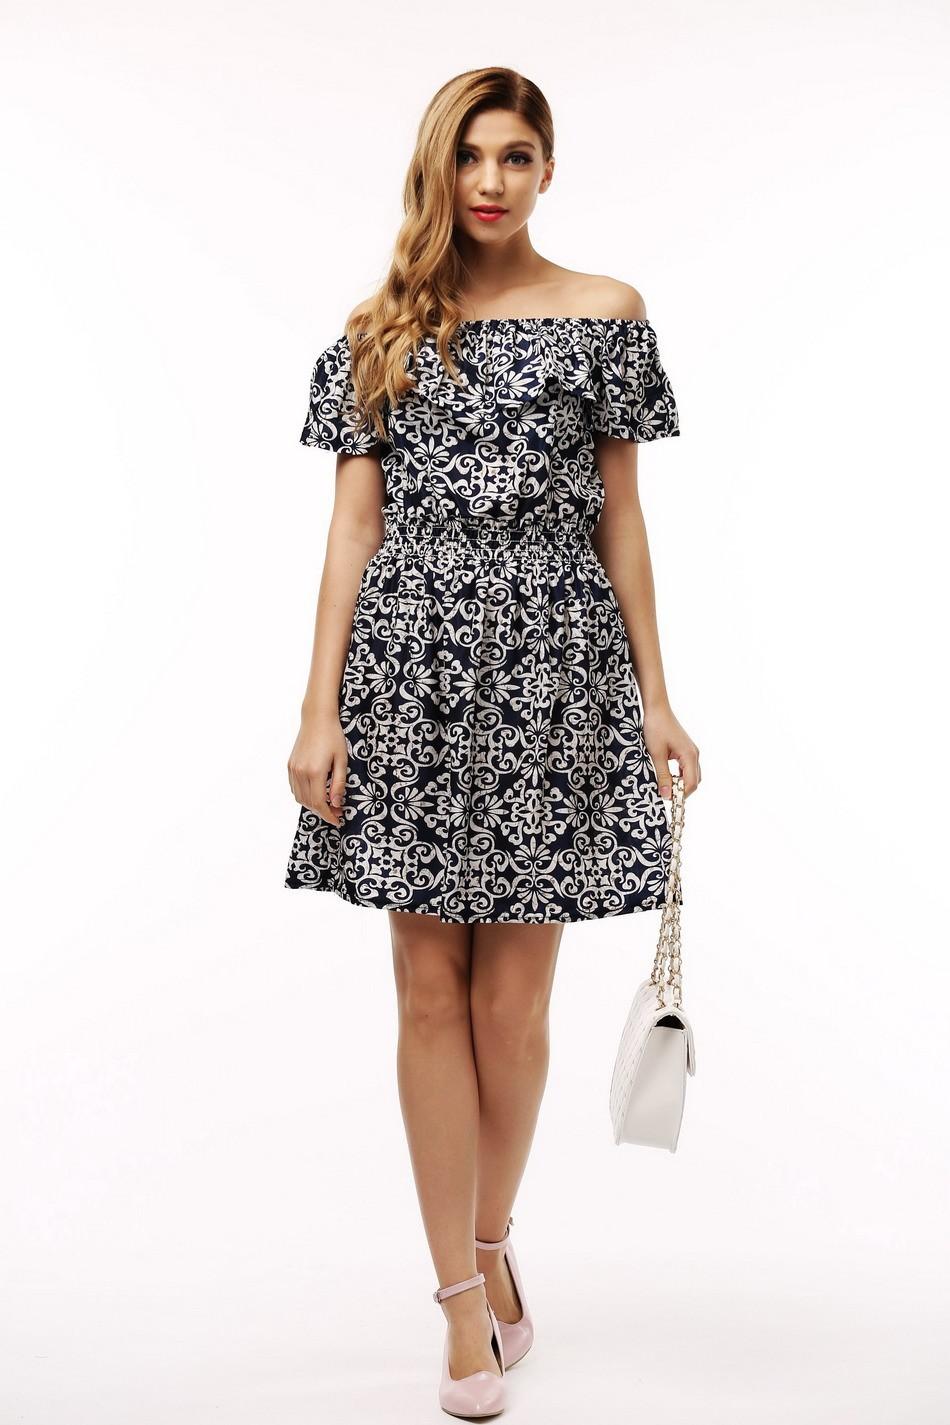 2017 fashion nowa wiosna lato plus size odzież kobiet floral print wzór sukienki na co dzień vestidos wc0472 11